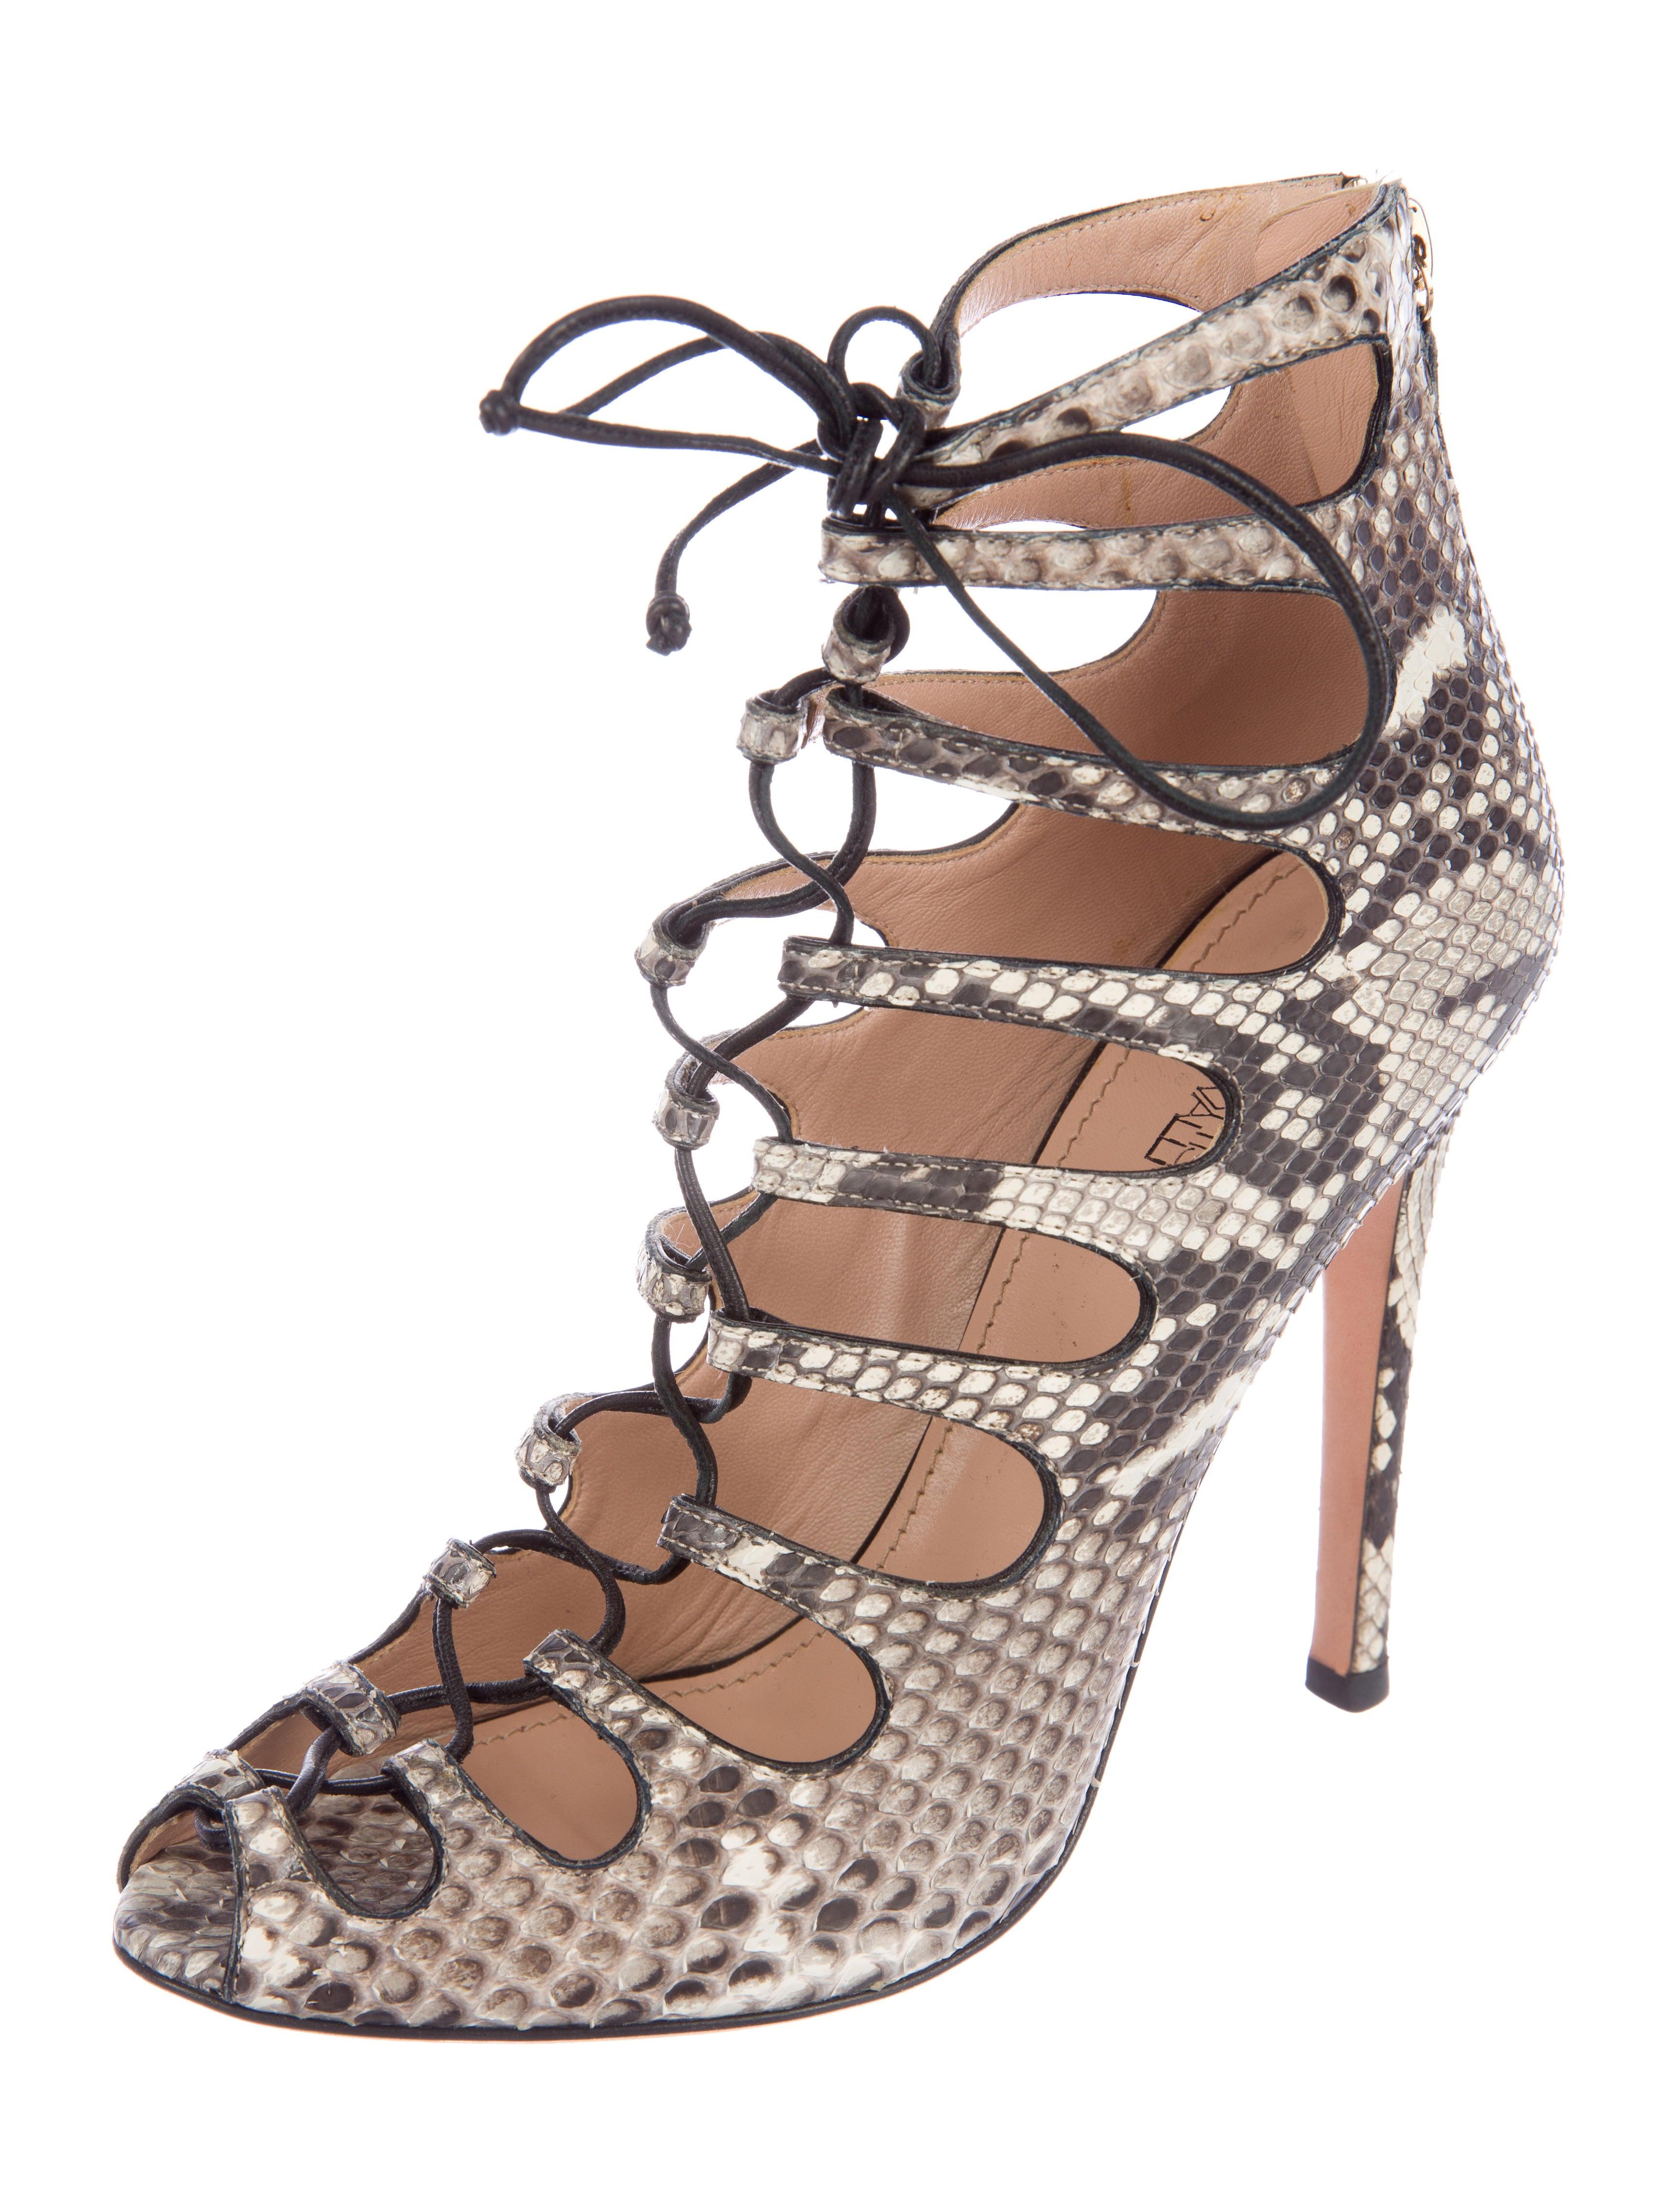 Giambattista Valli Snakeskin Caged Sandals newest cheap price 3Vb9W